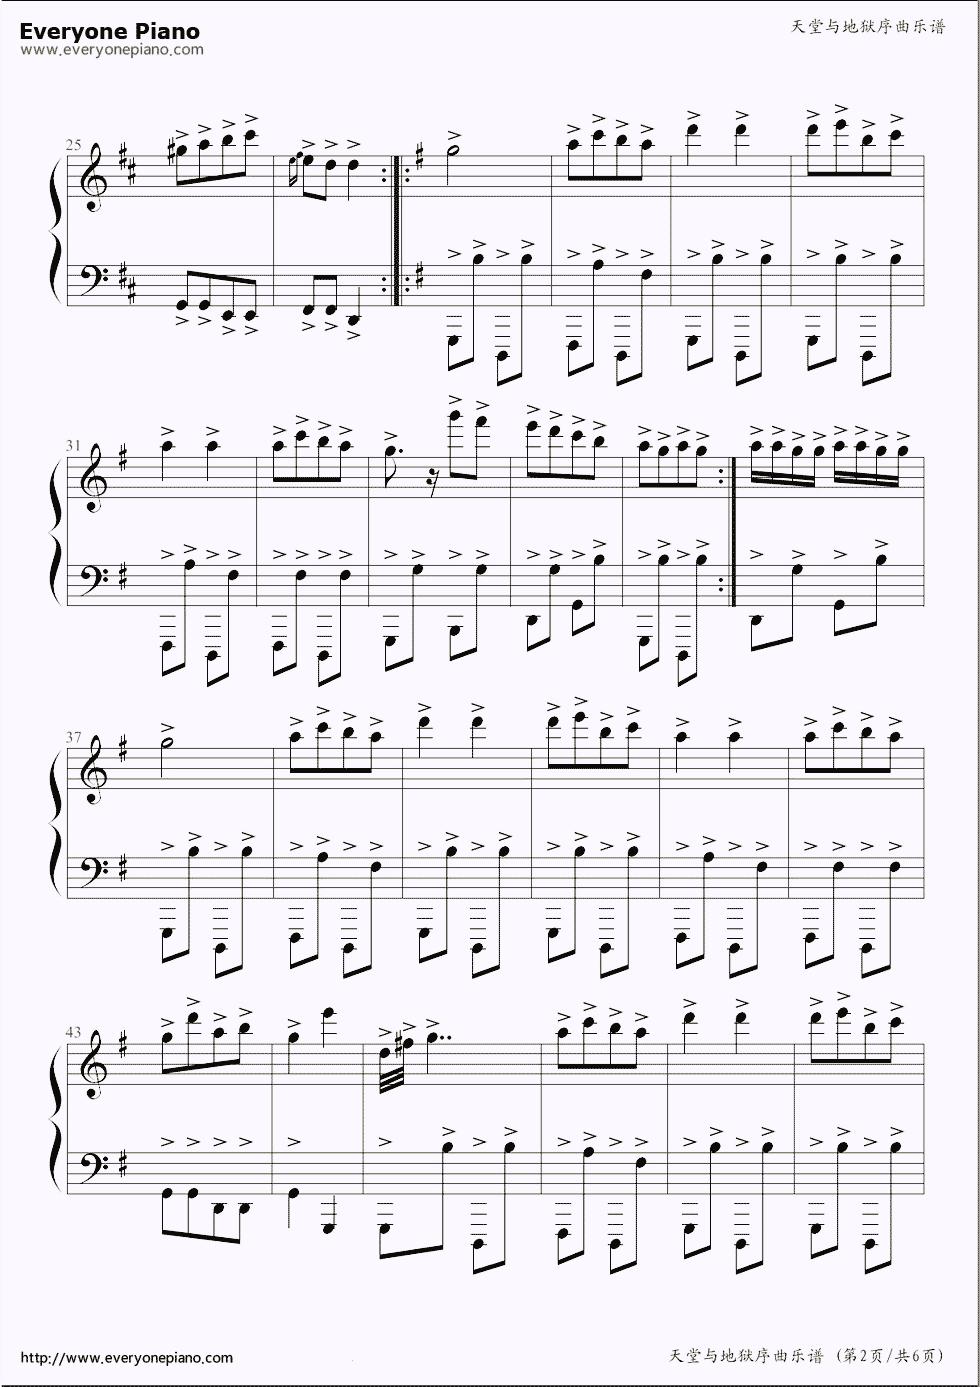 钢琴曲谱 经典 康康舞曲-河东狮吼插曲 康康舞曲-河东狮吼插曲五线谱图片